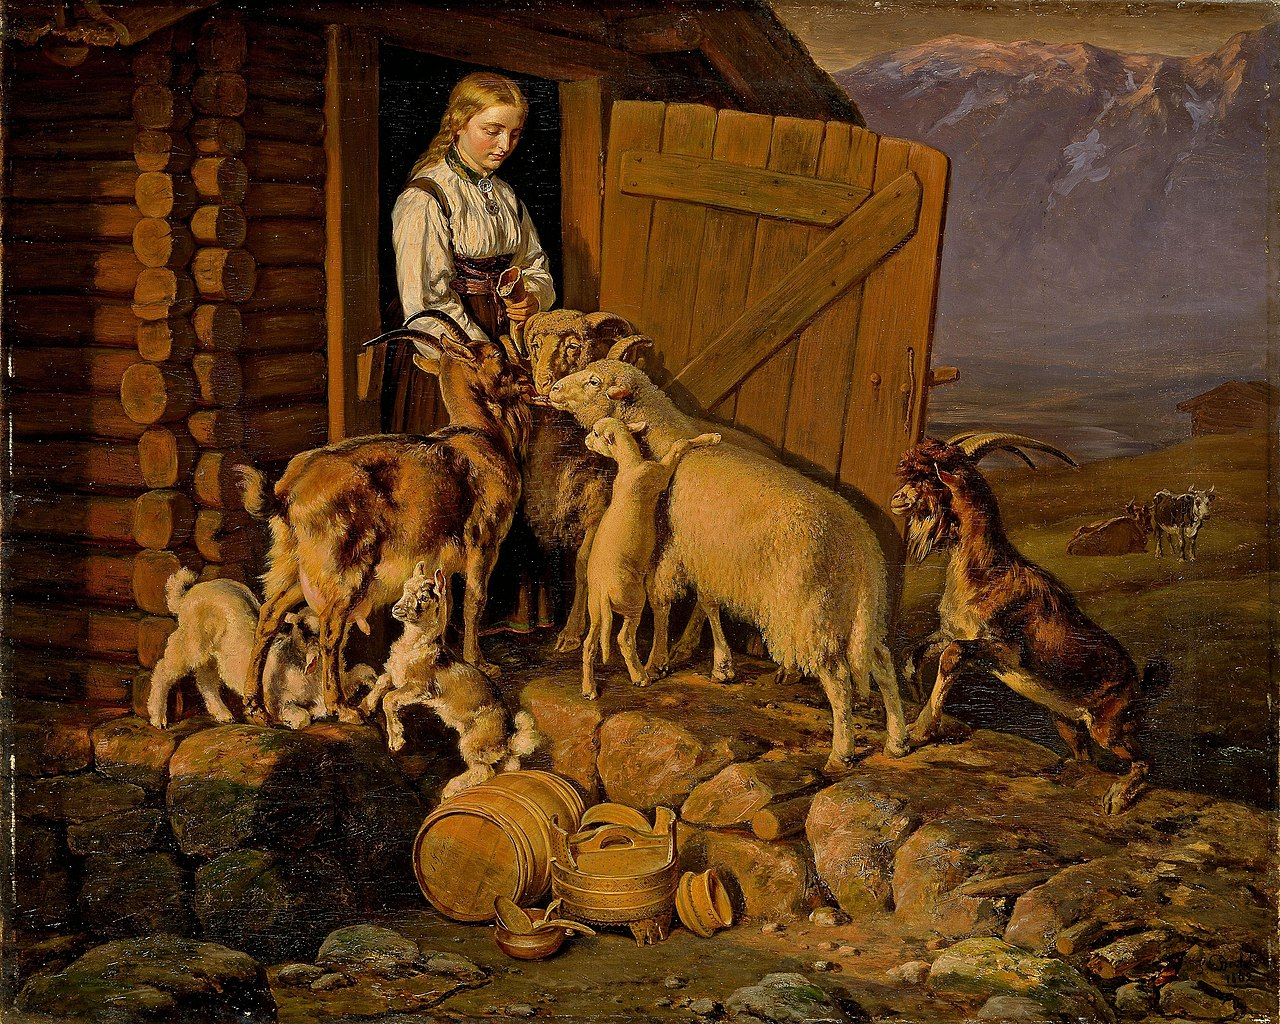 Зигвальд Даль - Животным дают соль - NG.M.00721 - Национальный музей искусства, архитектуры и дизайна.jpg